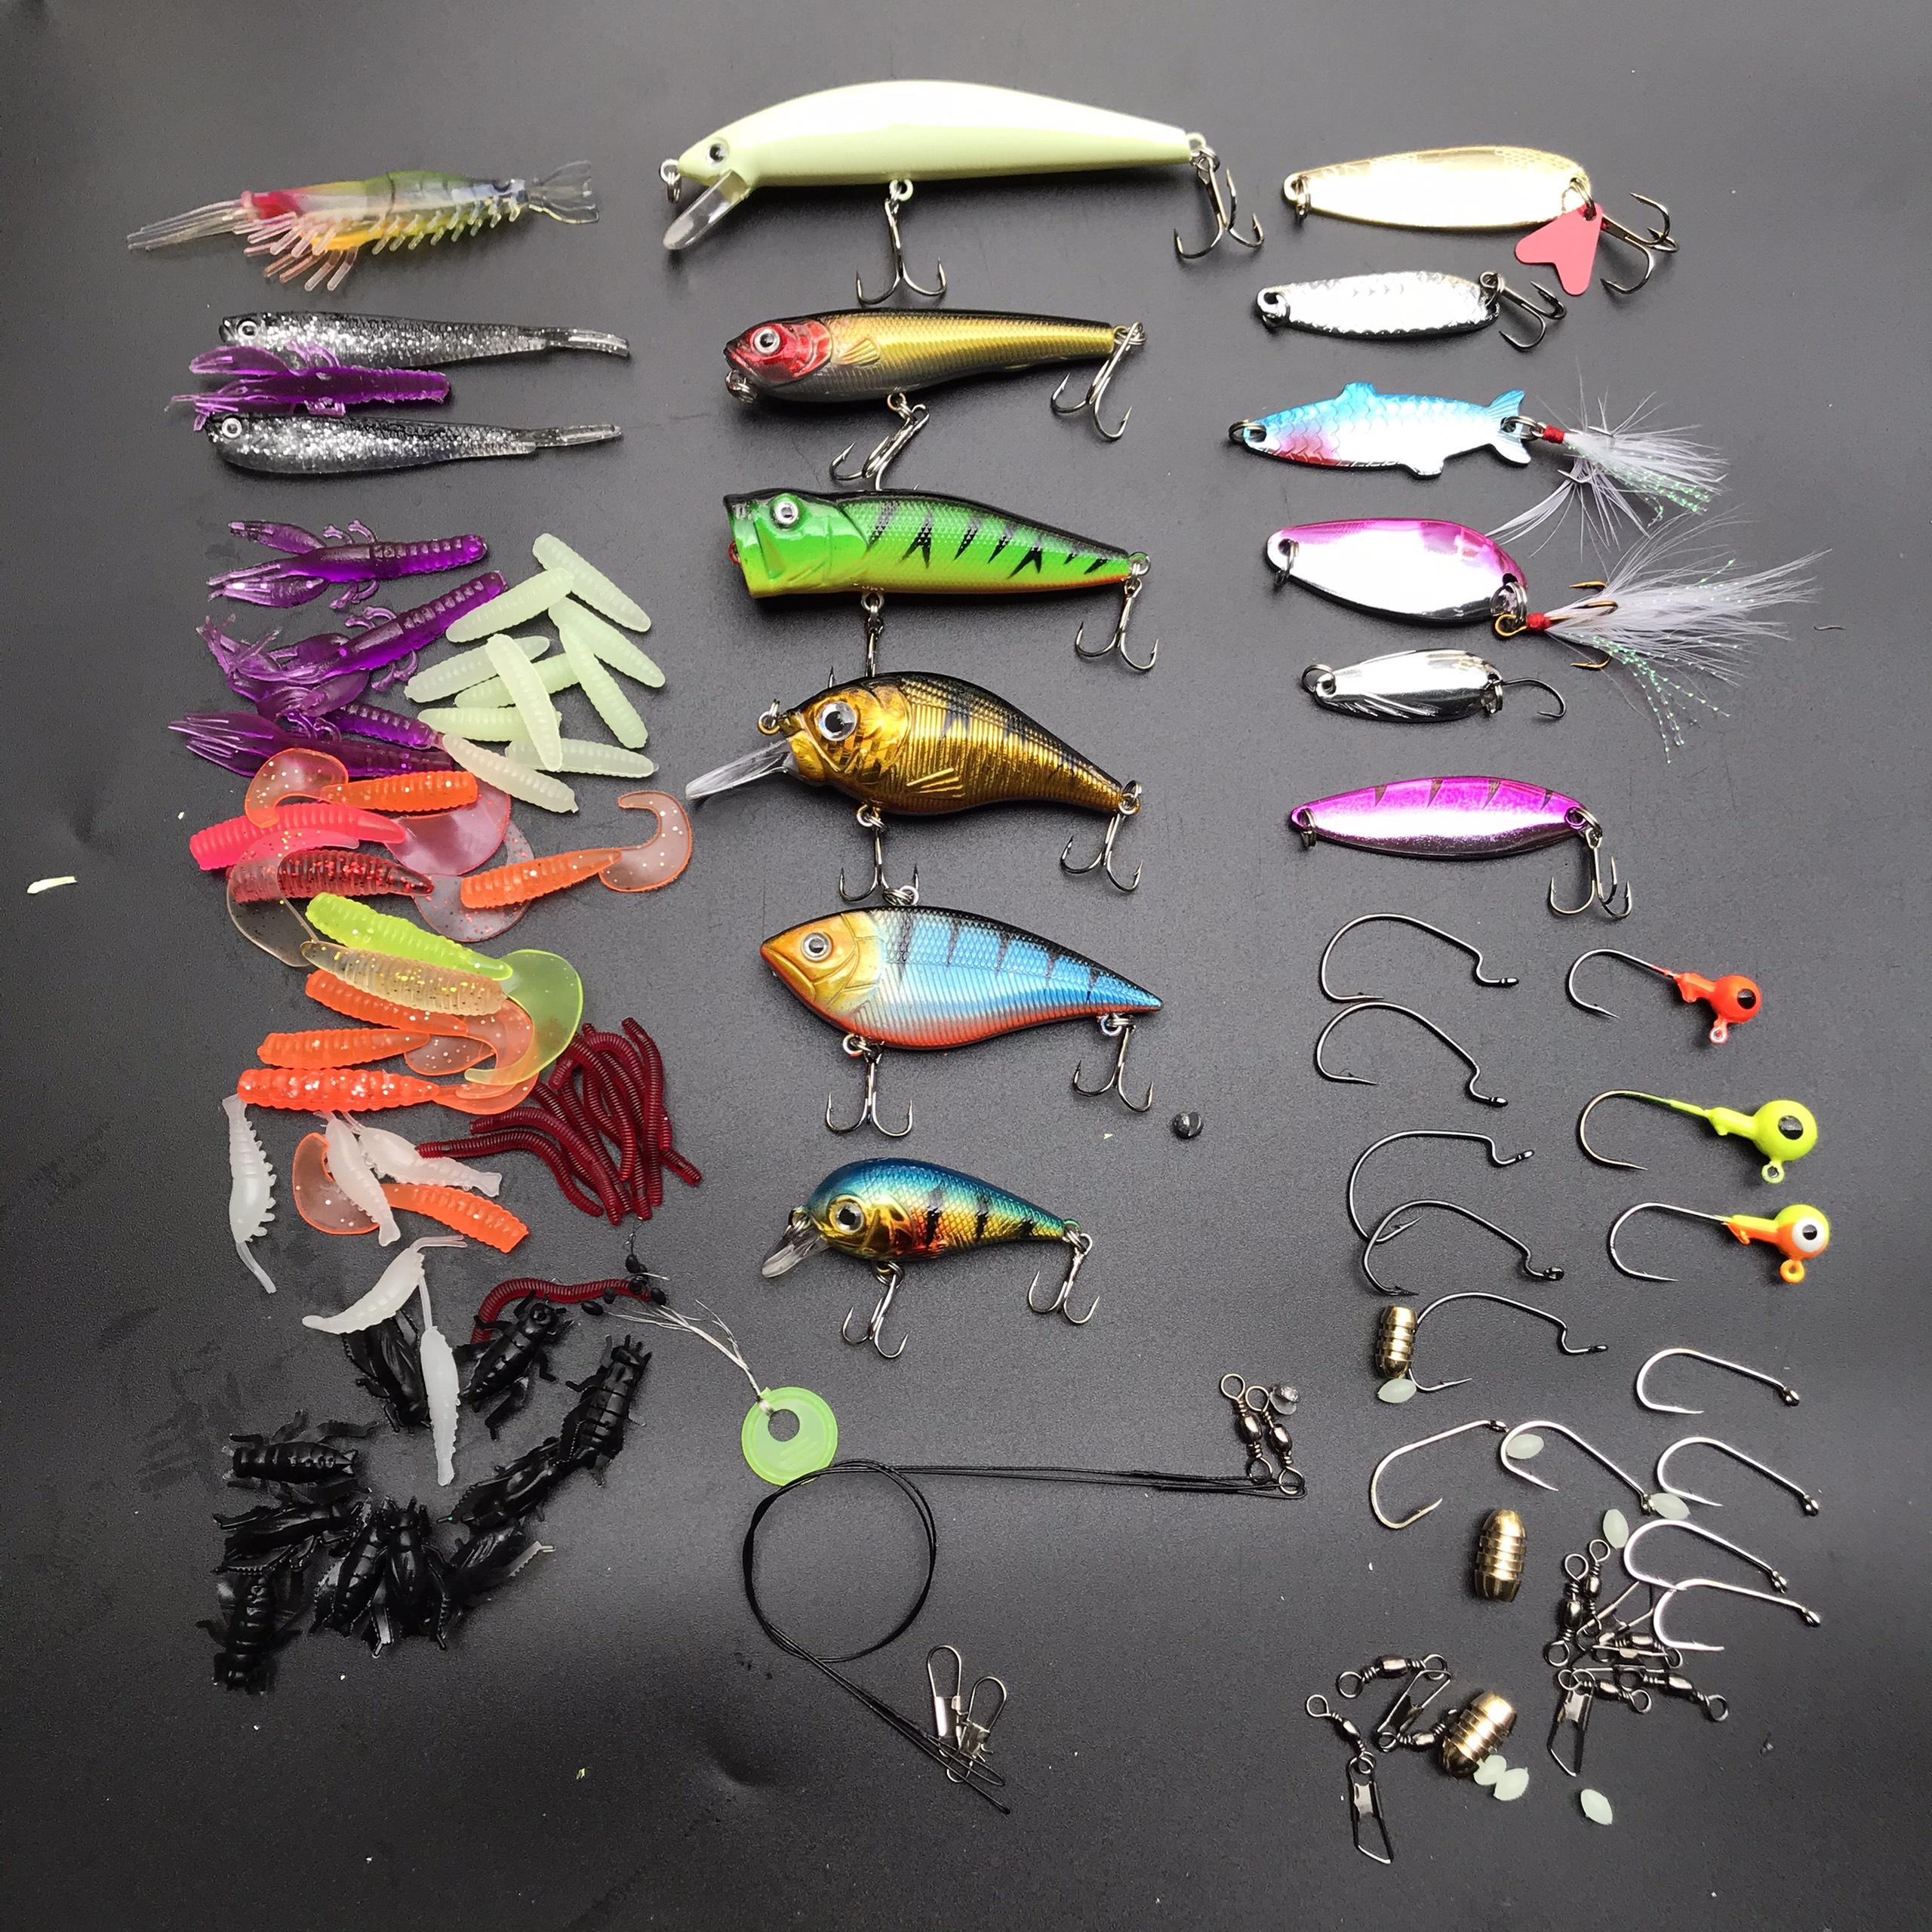 Combo mồi giả câu cá và phụ kiện đi câu cá - Hộp mồi giả câu lure cá lóc, cá chẽm, cá mú,... cực nhạy và tiện lợi